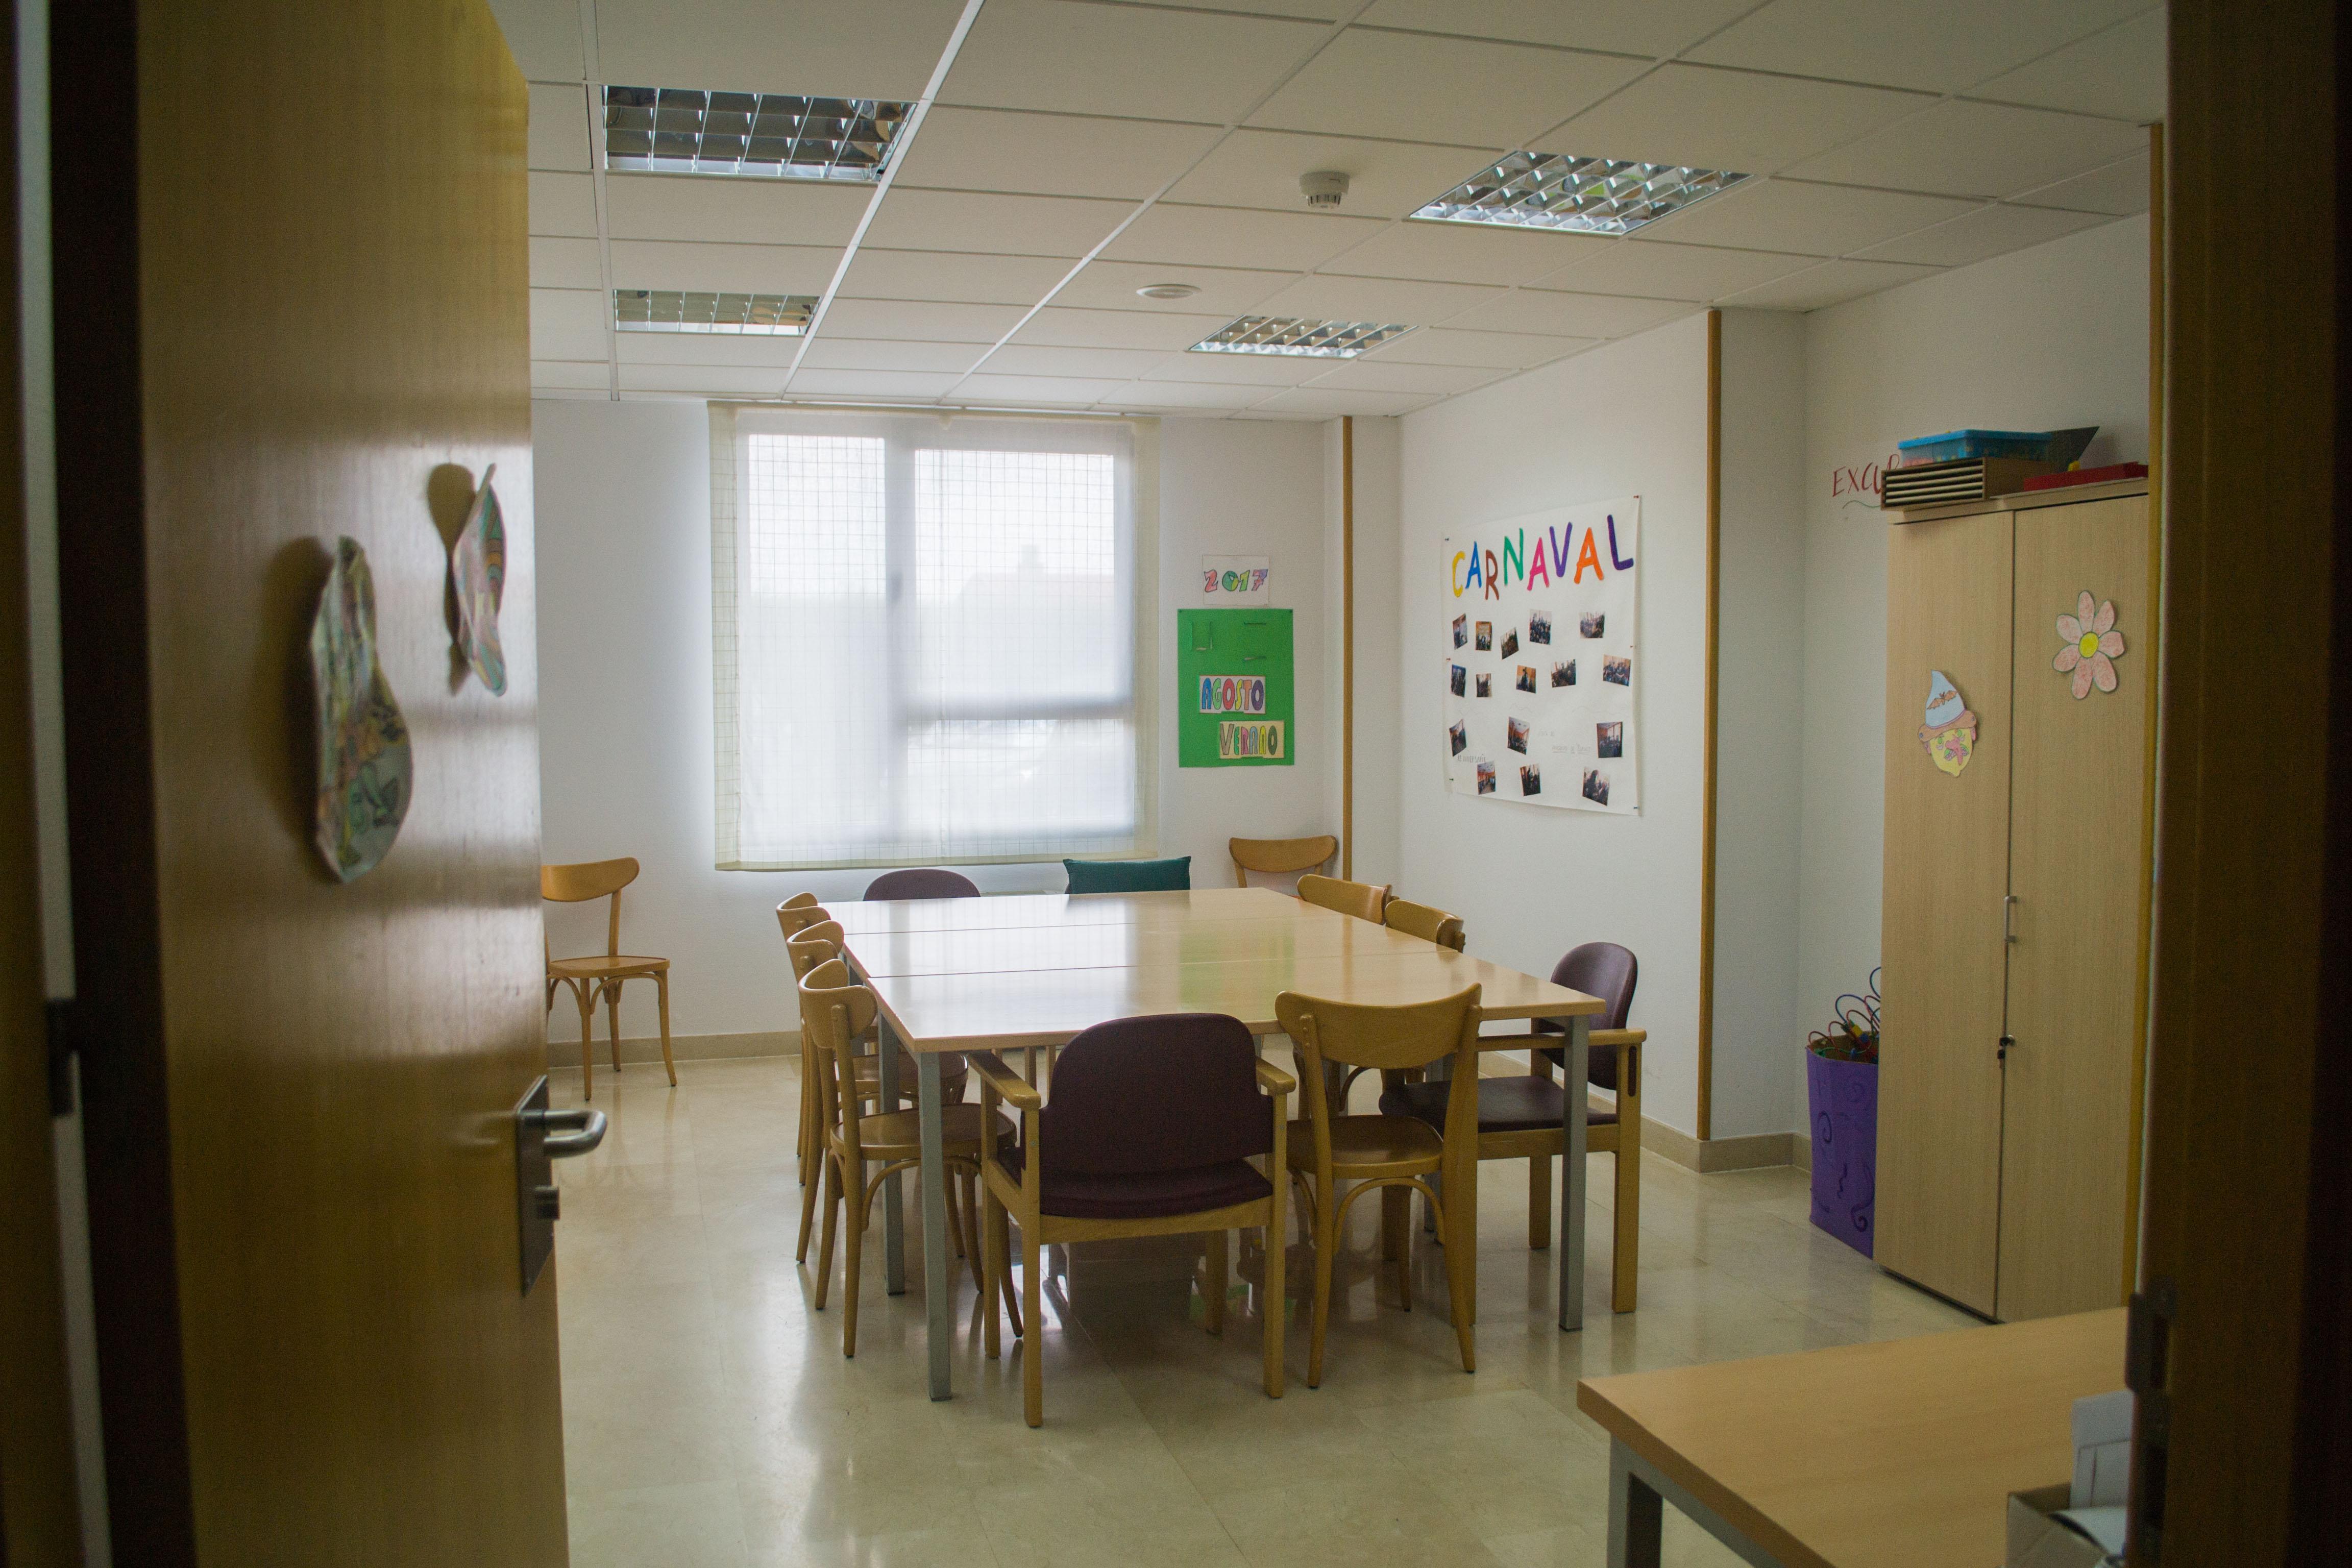 Sala de terapia ocupacional en Residencia Ciudad de Aranda, con mesa central y sillas alrededor, armarios para almacenar material y carteles con creaciones y fotos de los residentes.